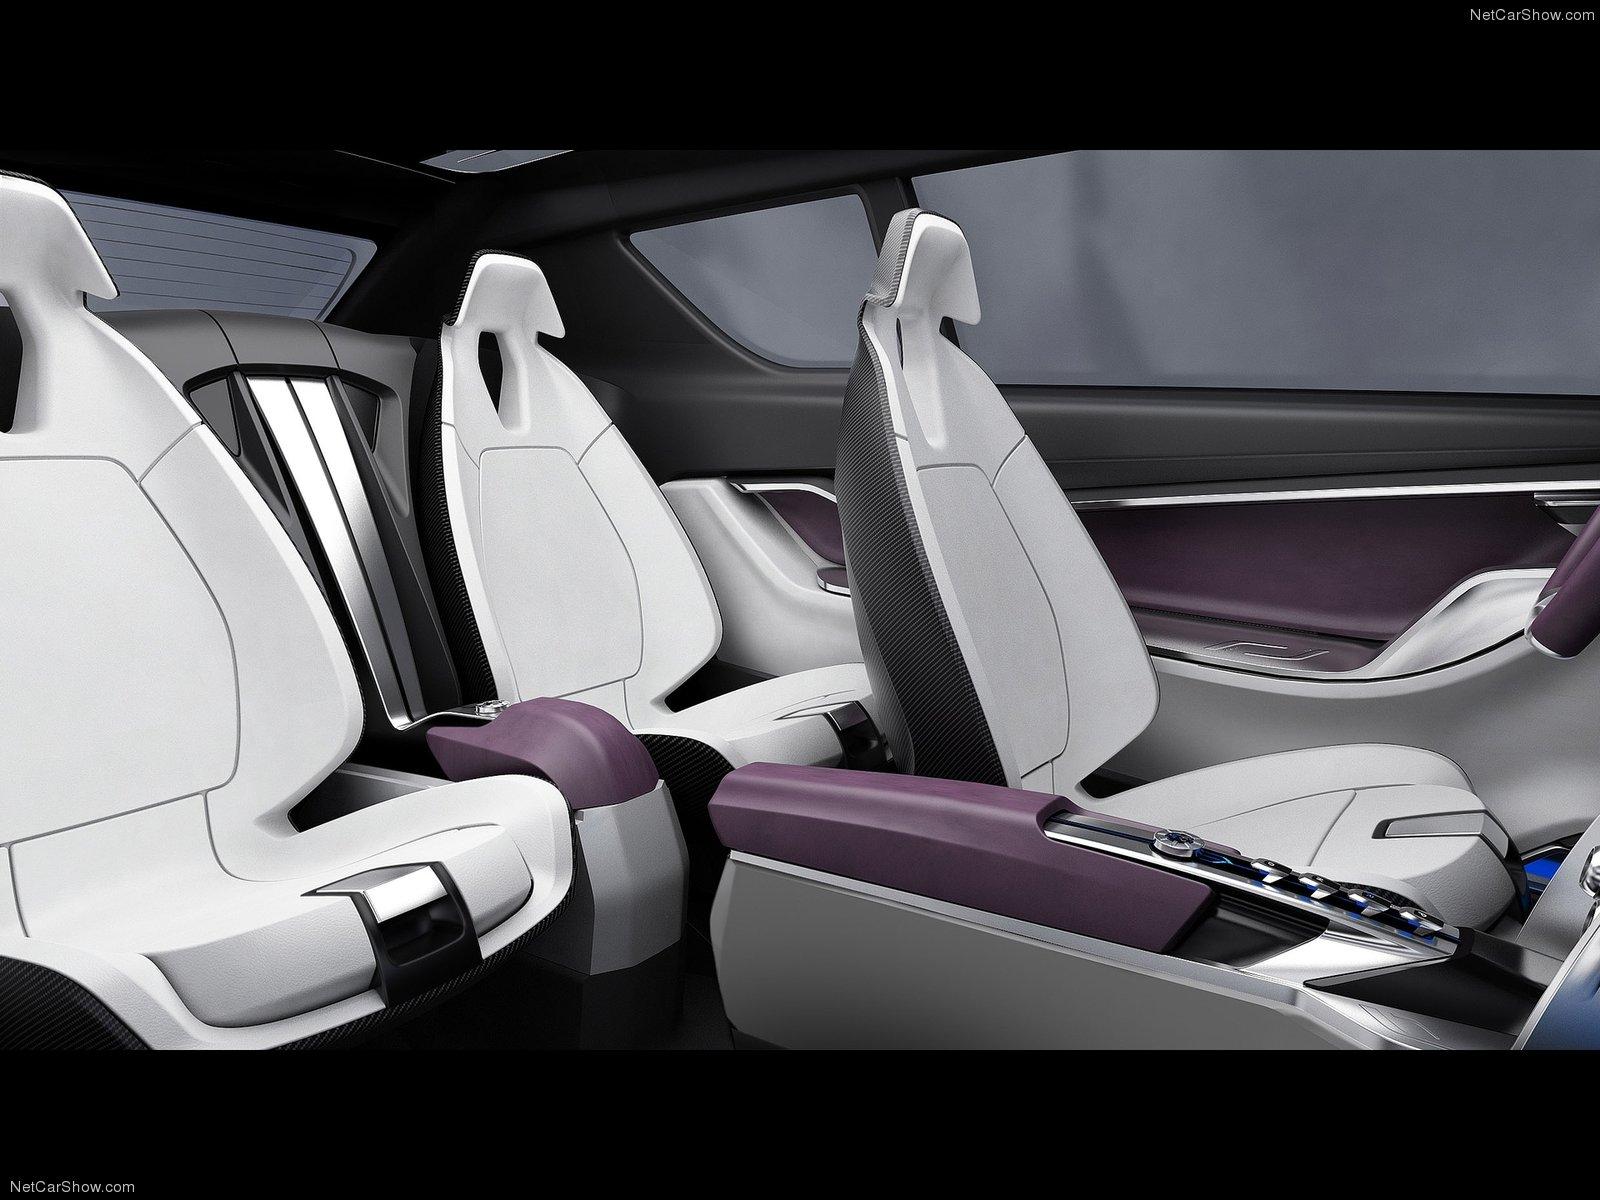 Hình ảnh xe ô tô SsangYong e-XIV Concept 2012 & nội ngoại thất